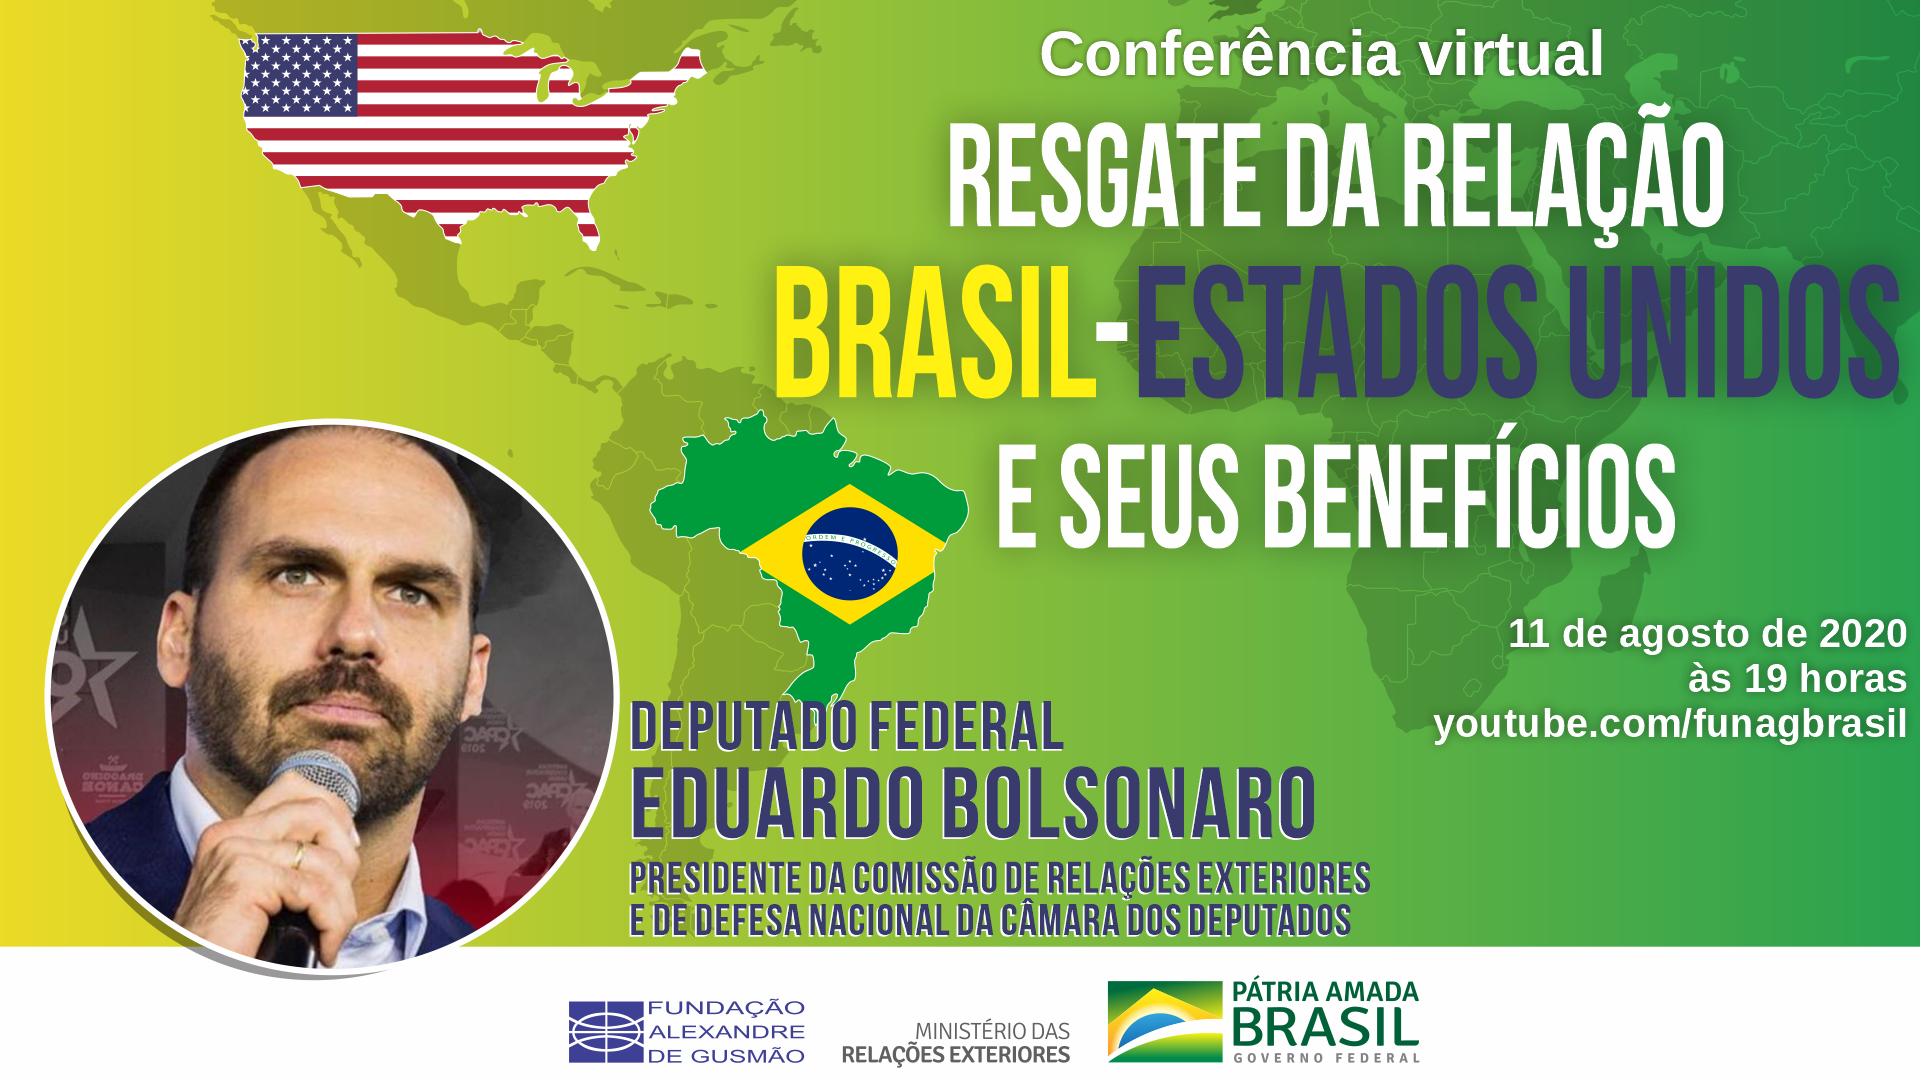 Conferência do deputado federal Eduardo Bolsonaro sobre as relações Brasil-EUA